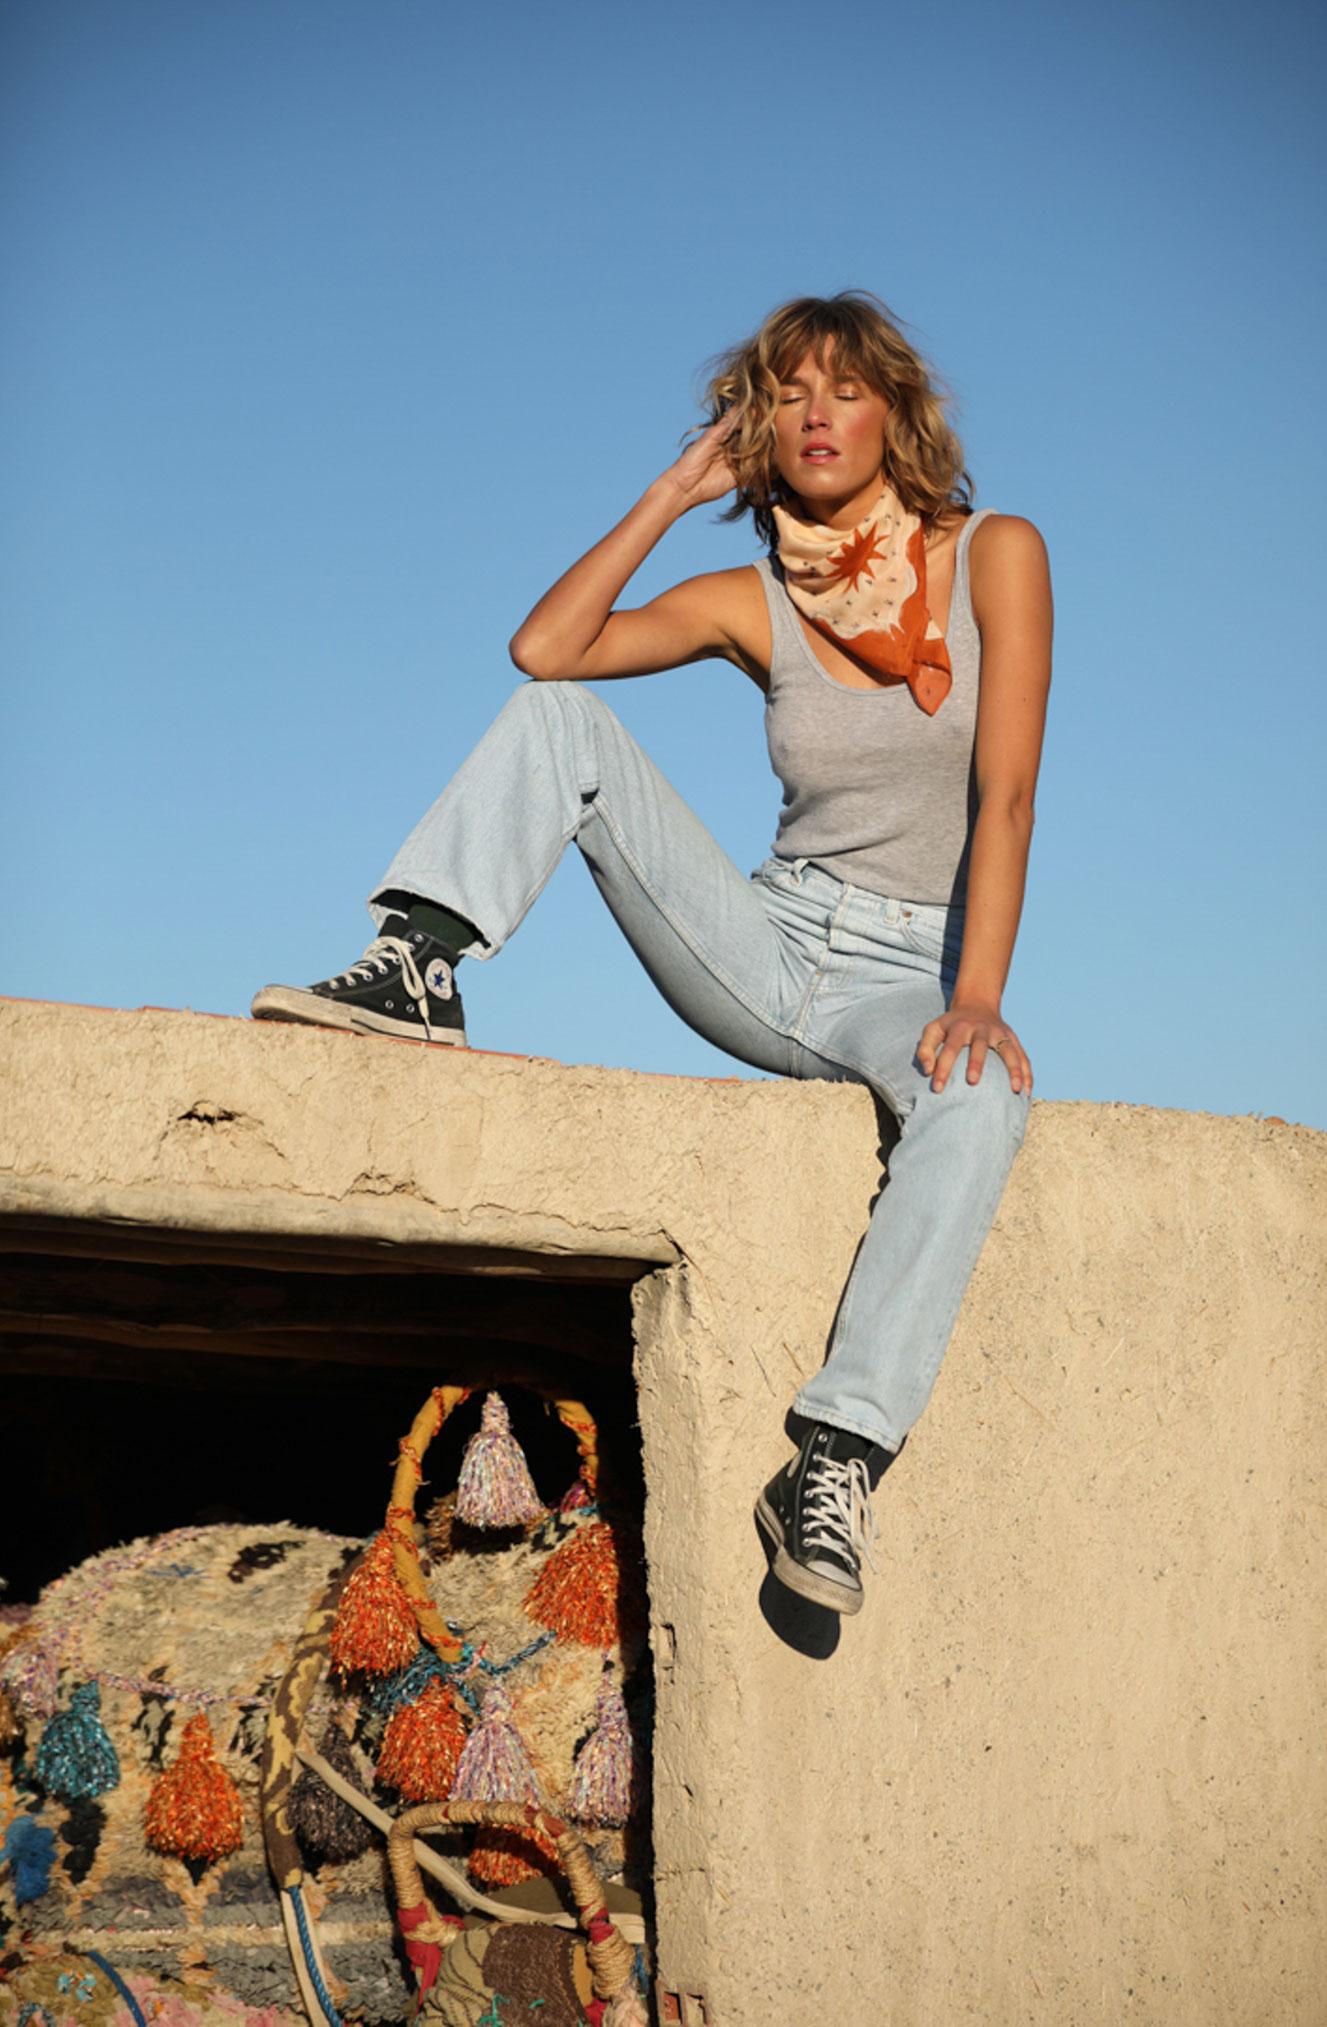 Поездка по Марокко в рекламе шляп, косынок и бандан Fringe and Frange / фото 07